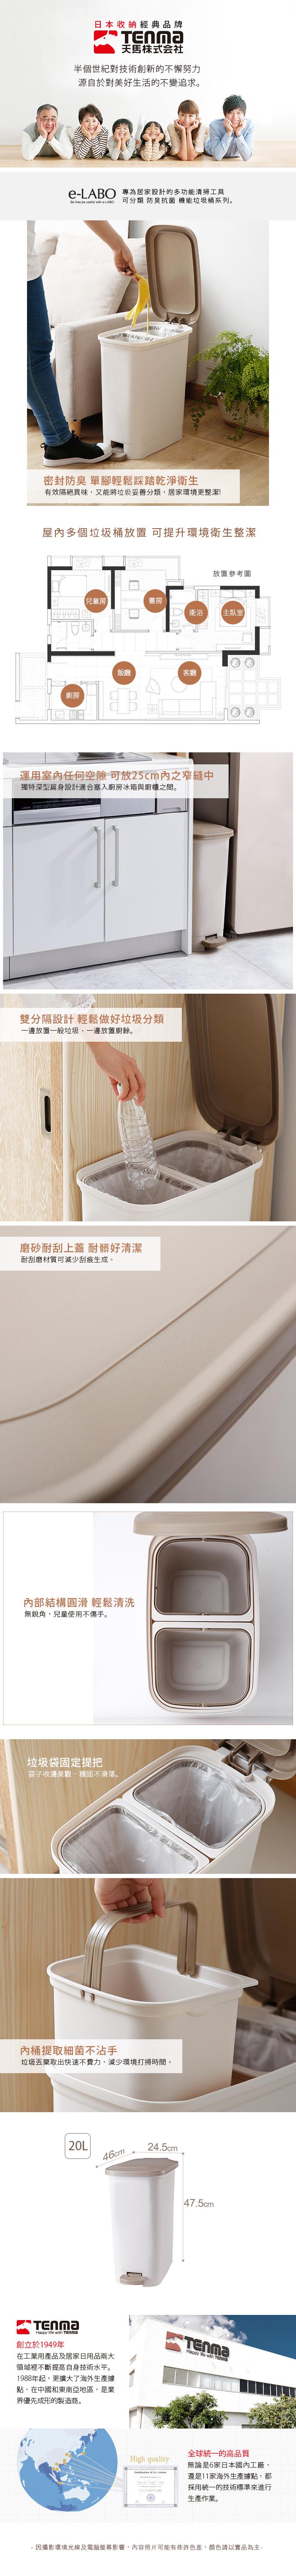 (複製)天馬|dustio分類腳踏抗菌雙蓋垃圾桶(寬型)-20L